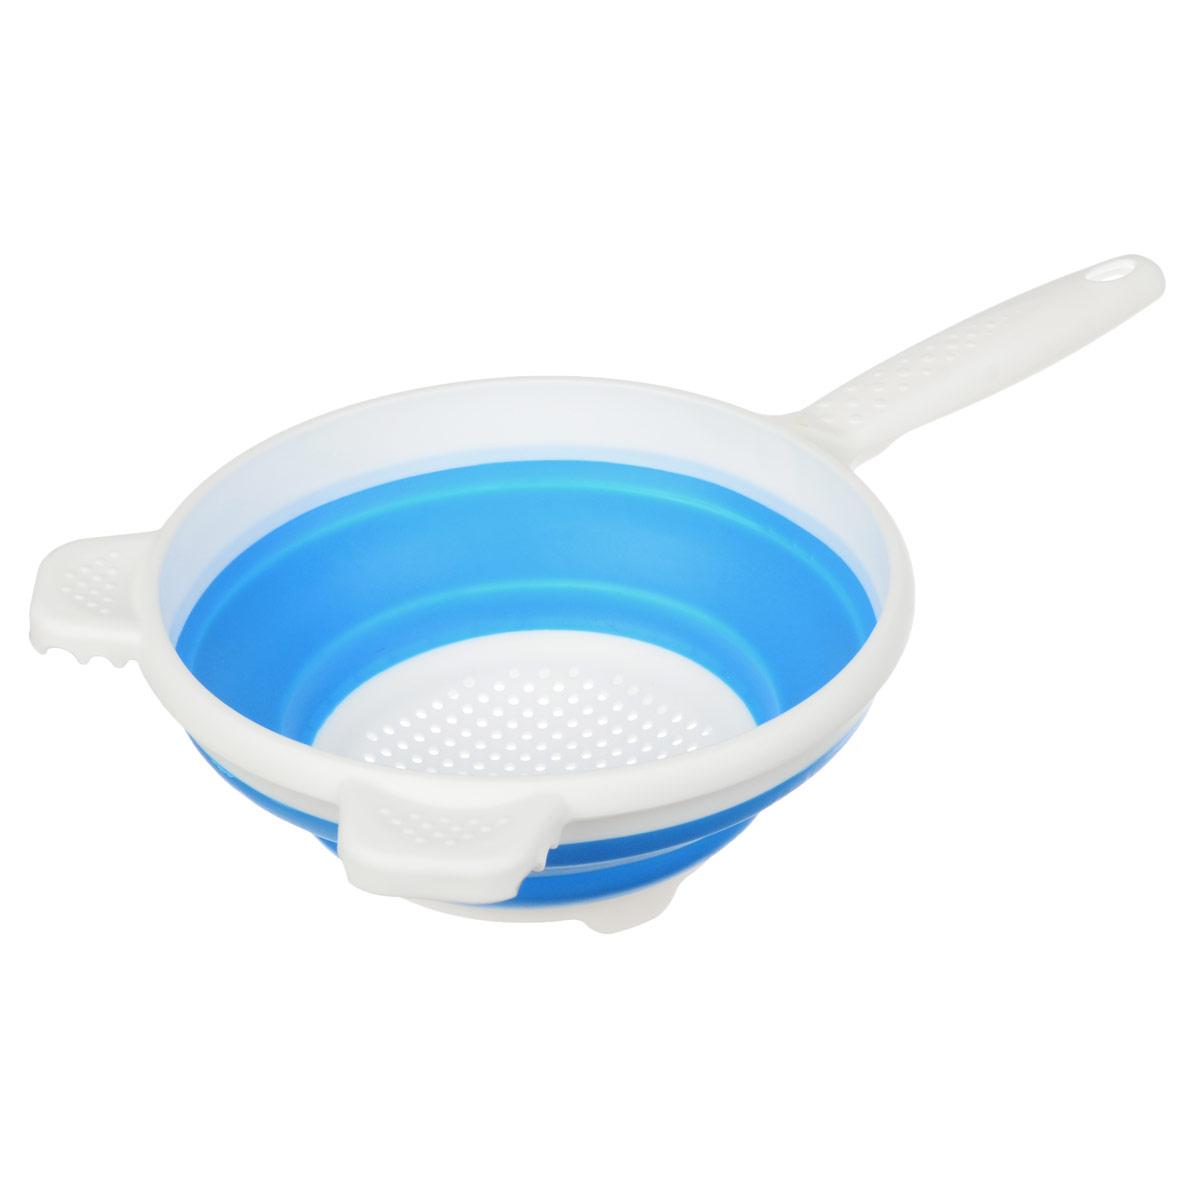 Дуршлаг складной Apollo, цвет: белый, голубой, диаметр 20 смCLD-01_белый, голубойСкладной дуршлаг Apollo станет полезным приобретением для вашей кухни. Он изготовлен из высококачественного пищевого силикона и пластика. Дуршлаг оснащен удобной эргономичной ручкой со специальным отверстием для подвешивания. Изделие прекрасно подходит для процеживания, ополаскивания и стекания макарон, овощей, фруктов. Дуршлаг компактно складывается, что делает его удобным для хранения. Не рекомендуется мыть в посудомоечной машине. Диаметр (по верхнему краю): 20 см. Максимальная высота: 8,5 см. Минимальная высота: 3 см. Длина ручки: 15 см.